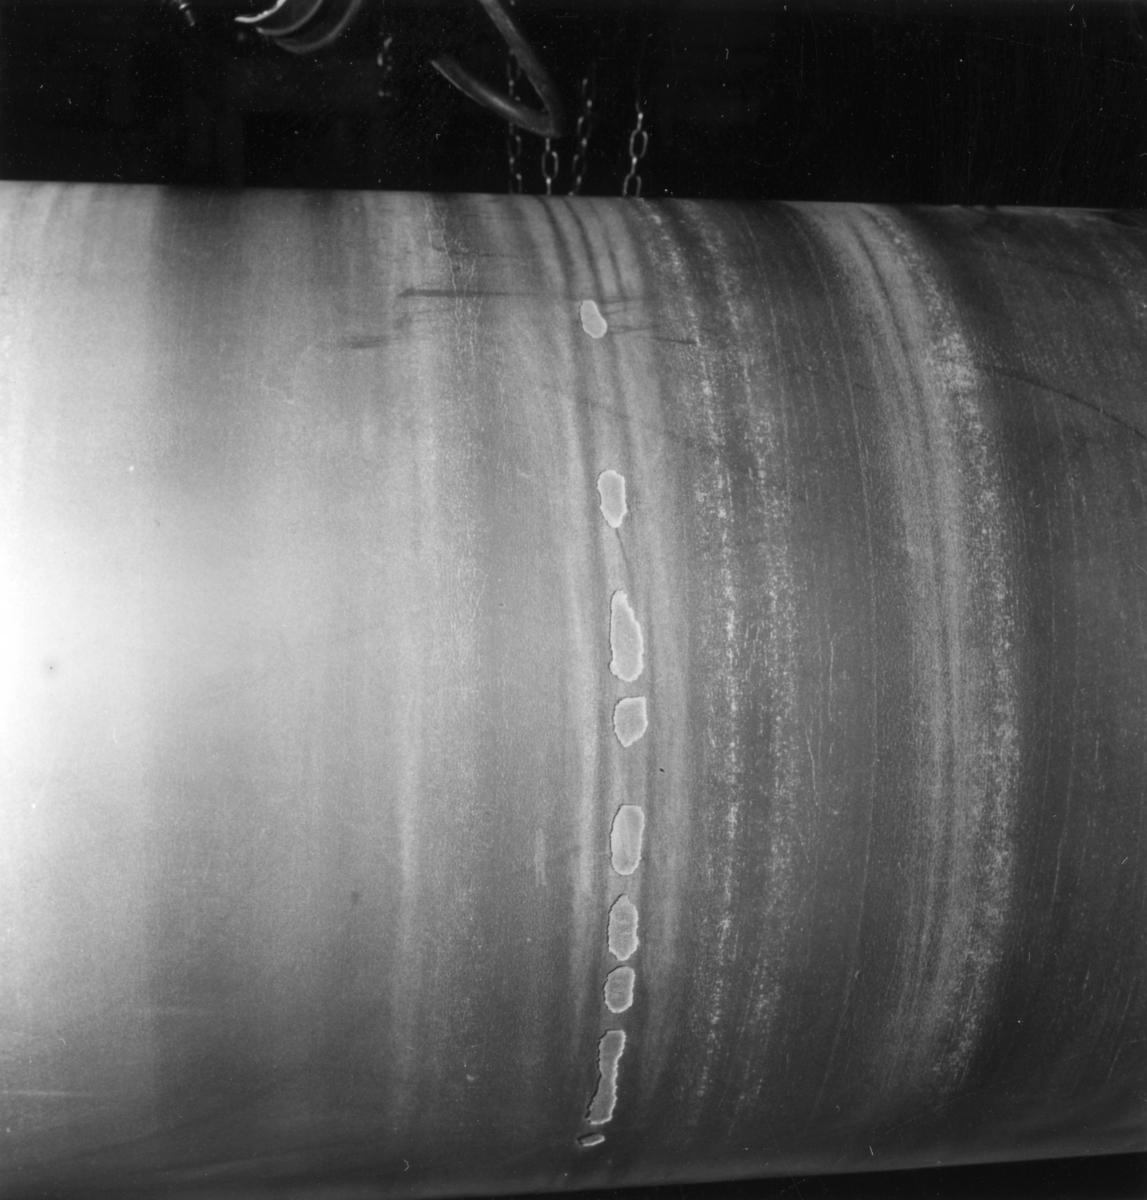 PM 2, skada på cylinderpress på Papyrus, den 3/1-1961.